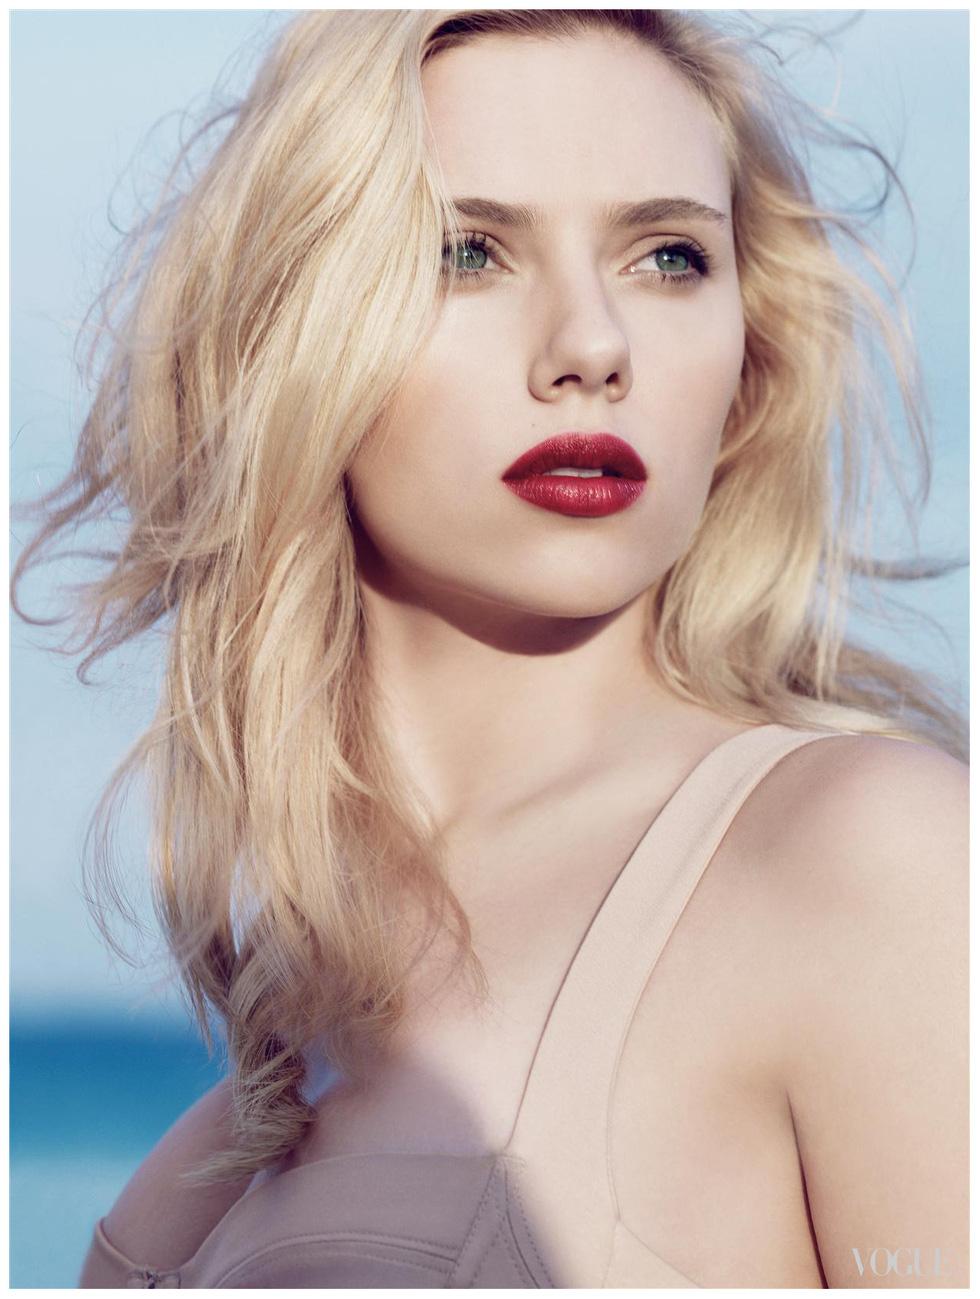 Scarlett Johansson với Marriage Story: Chính tôi cũng đang trải qua ly hôn... - Ảnh 5.